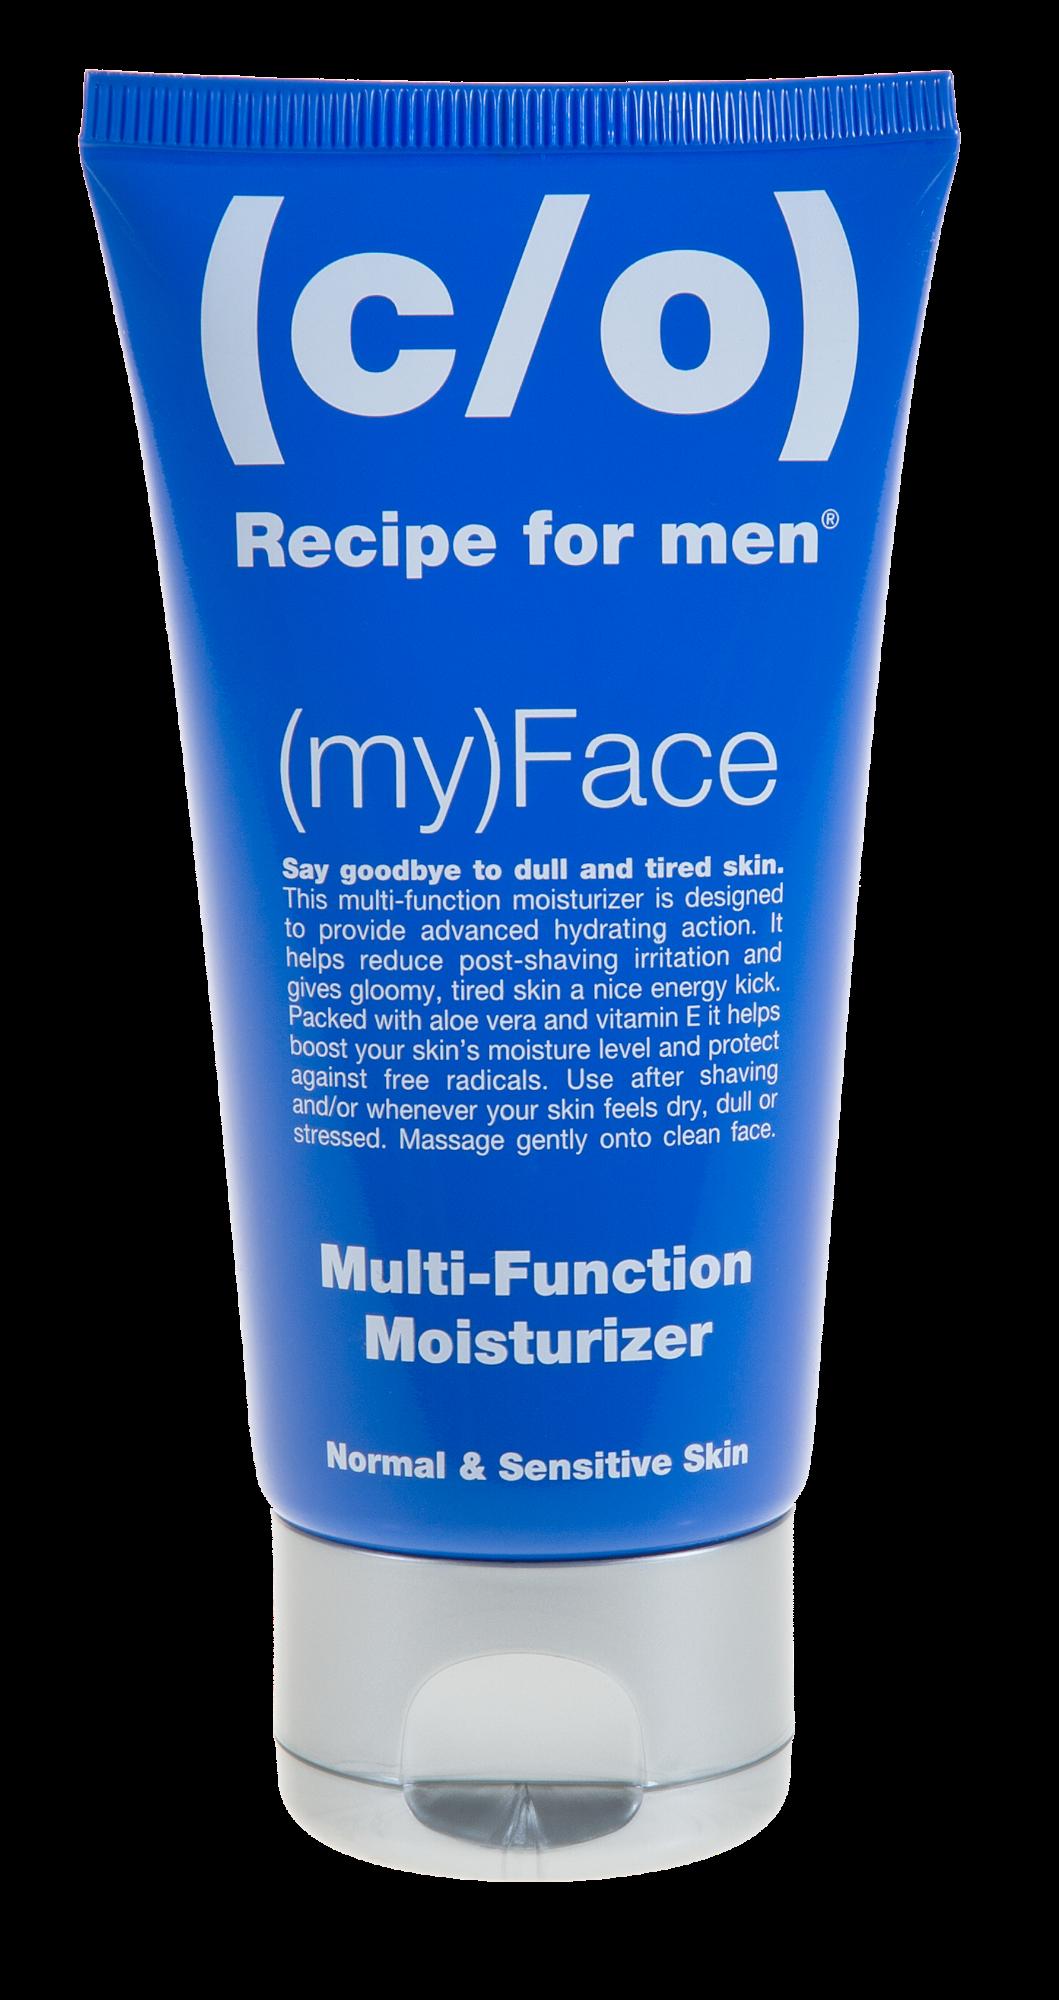 Intensyviai drėkinantis veido kremas normaliai ir jautriai odai RECIPE FOR MAN C/O, 75 ml